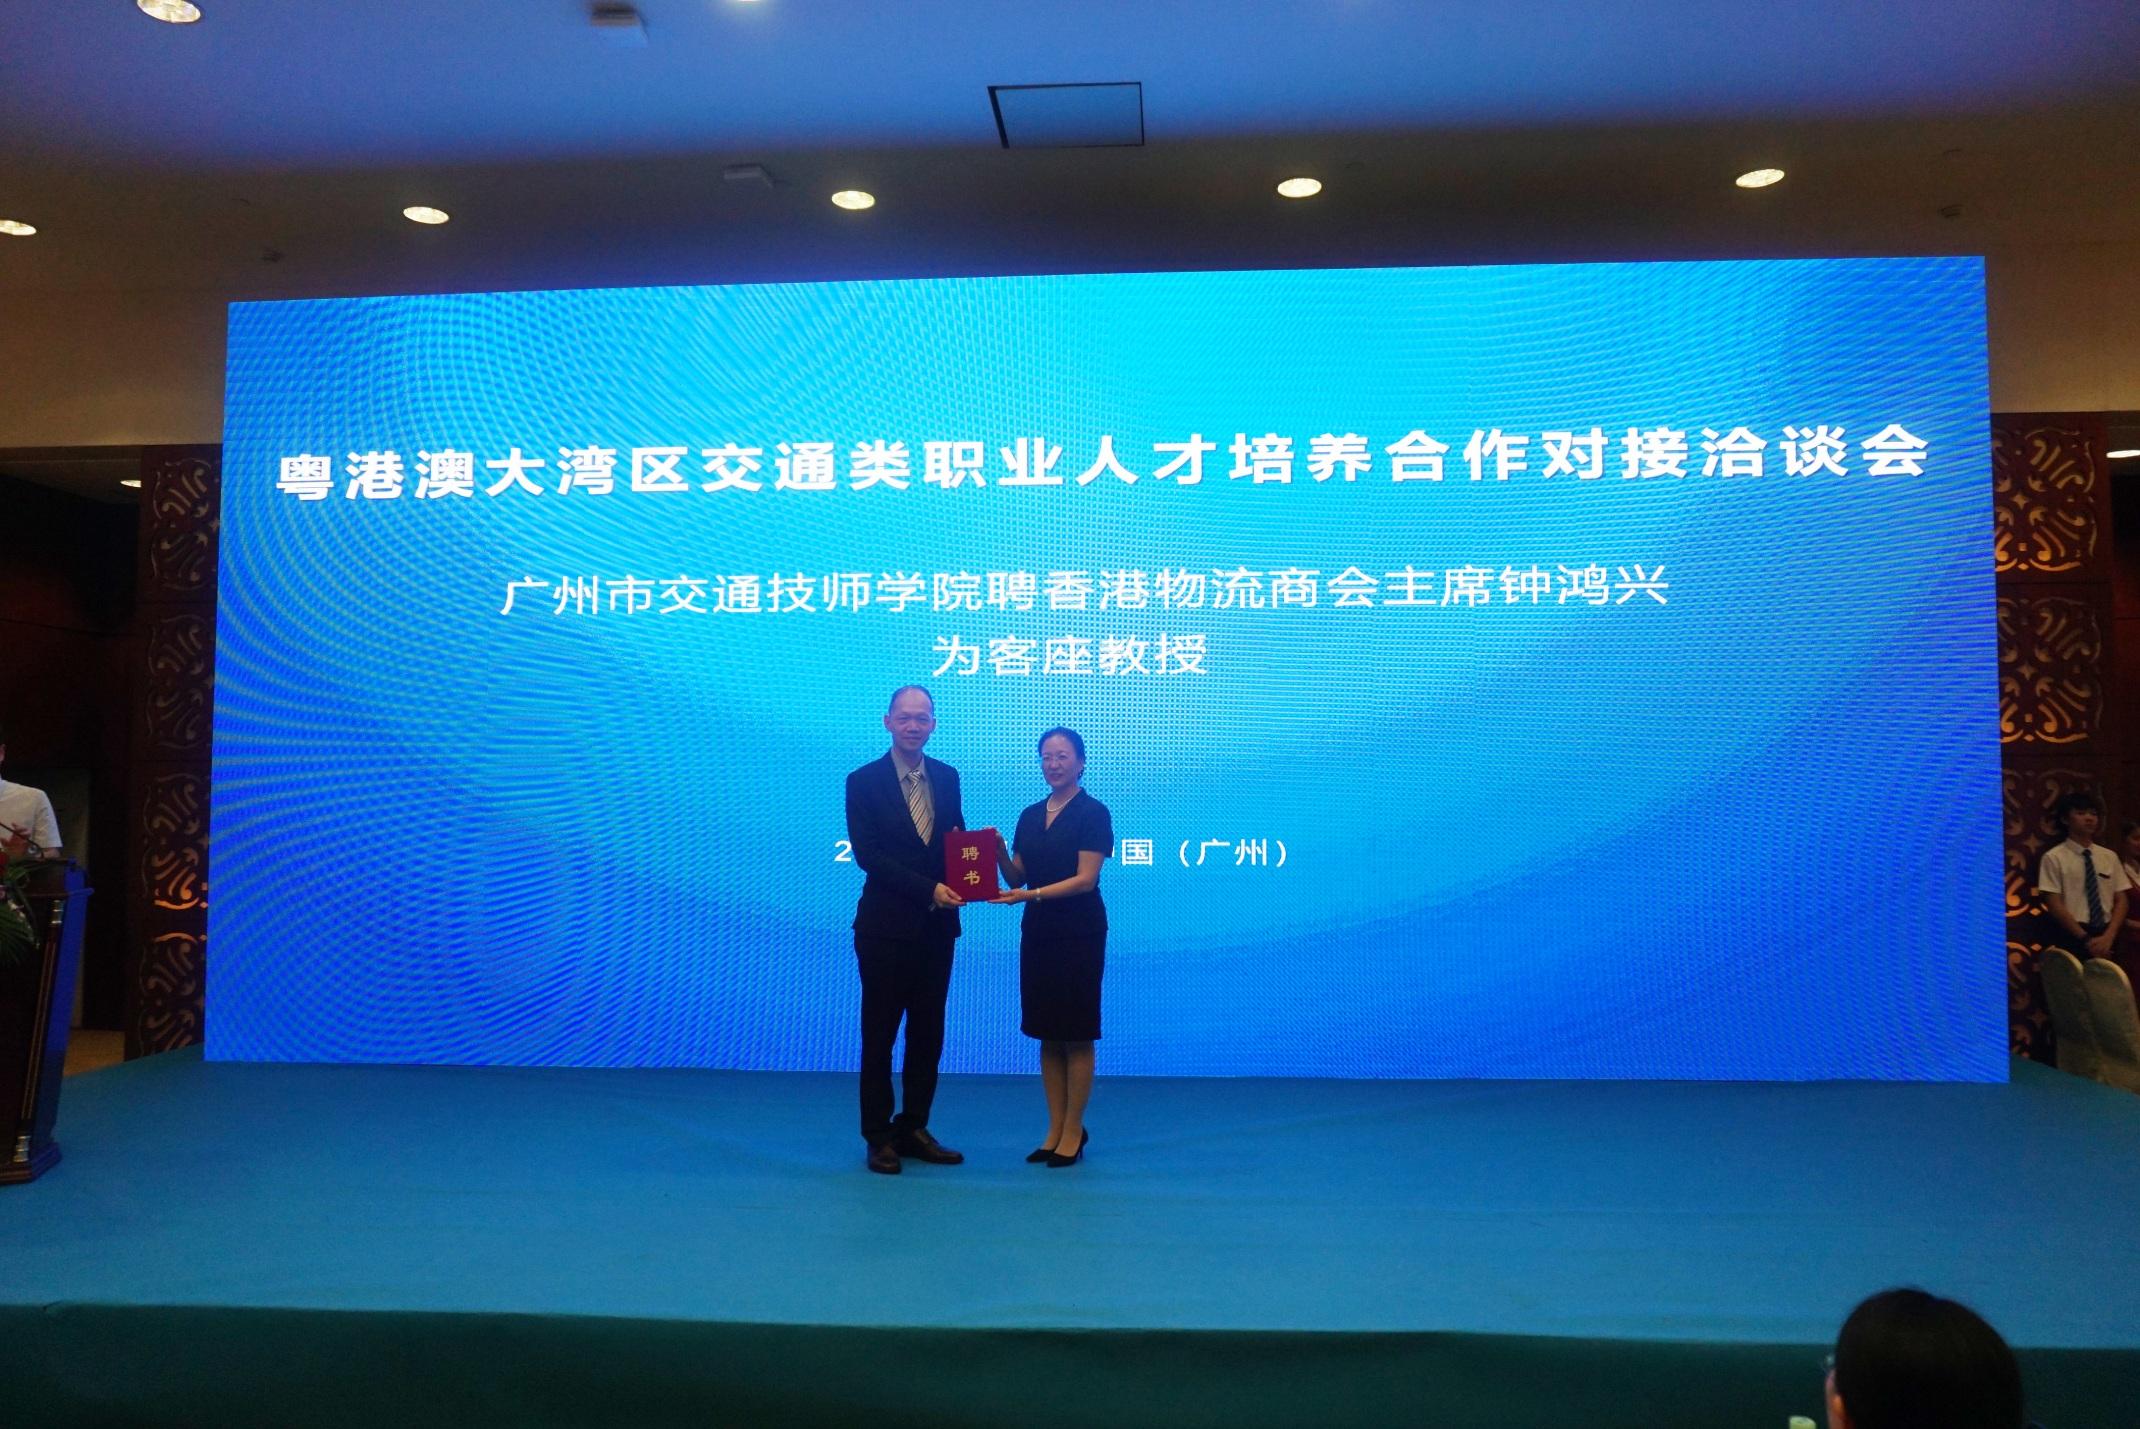 香港物流商會鐘鴻興主席獲廣州市交通技師學院聘任為客座教授